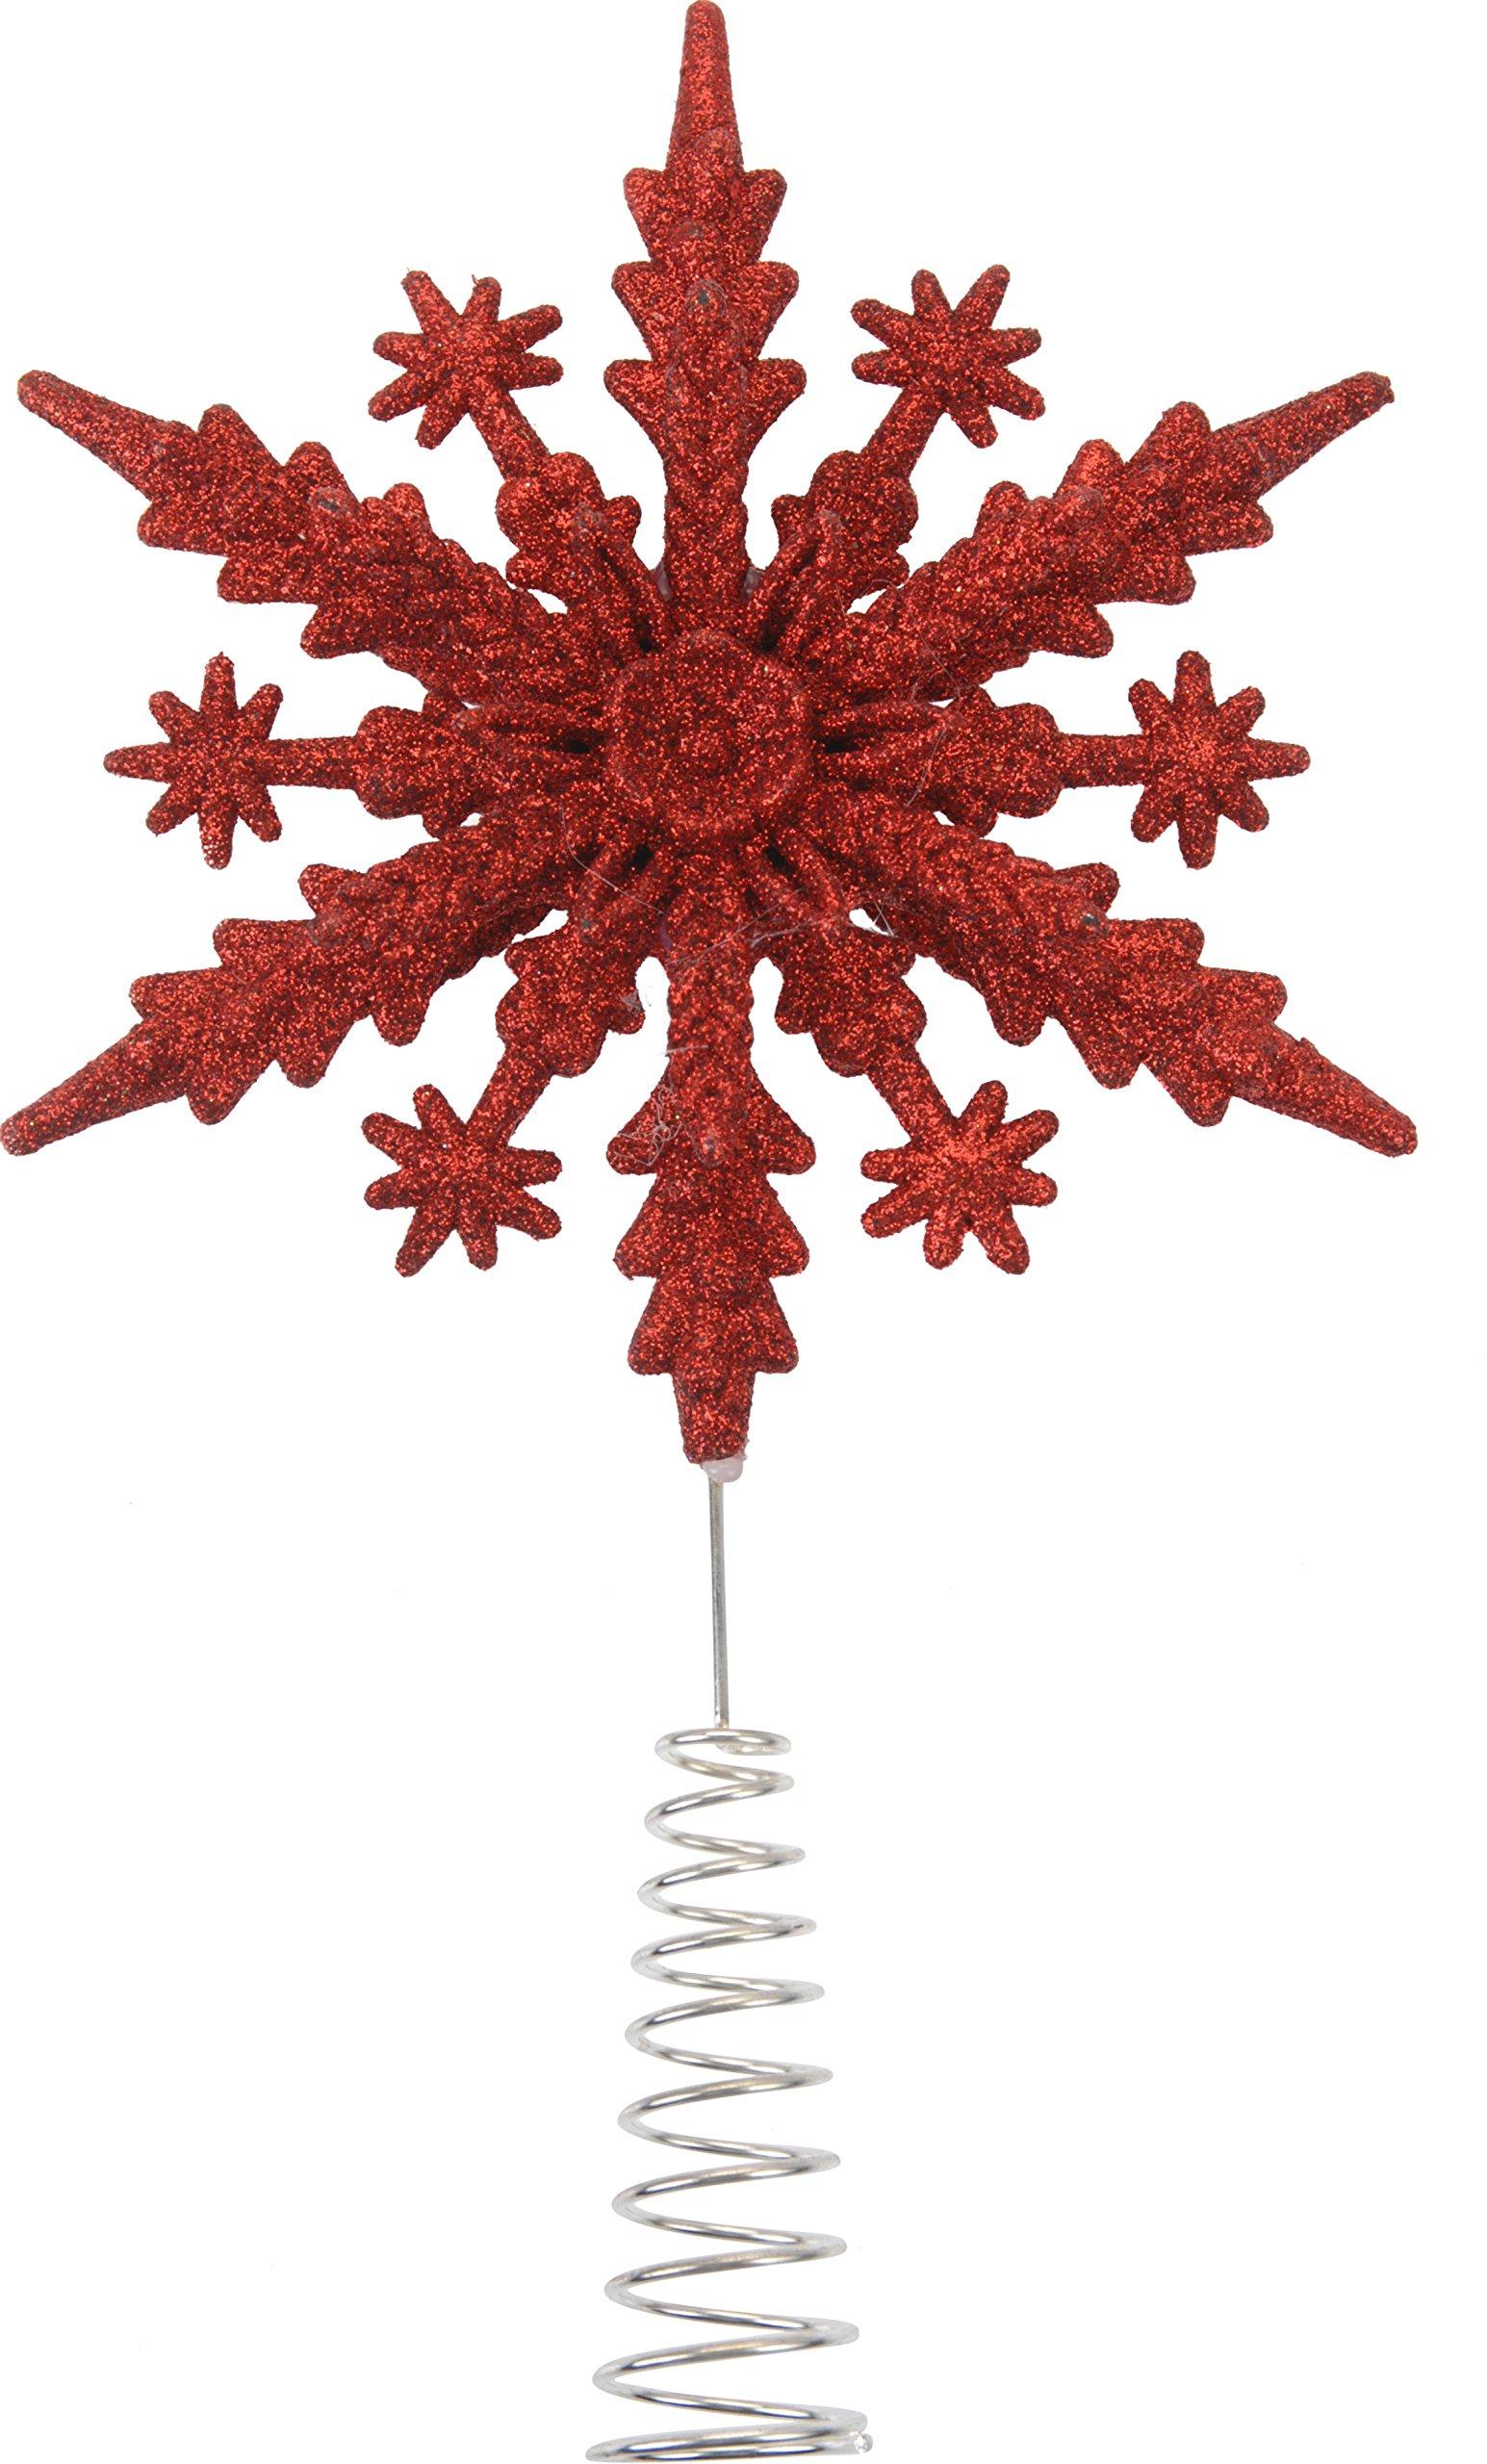 Baumschmuck-Christbaumspitze-Schneeflocke-Schneekristall-Glitzer-22-cm-rot-Kunststoff